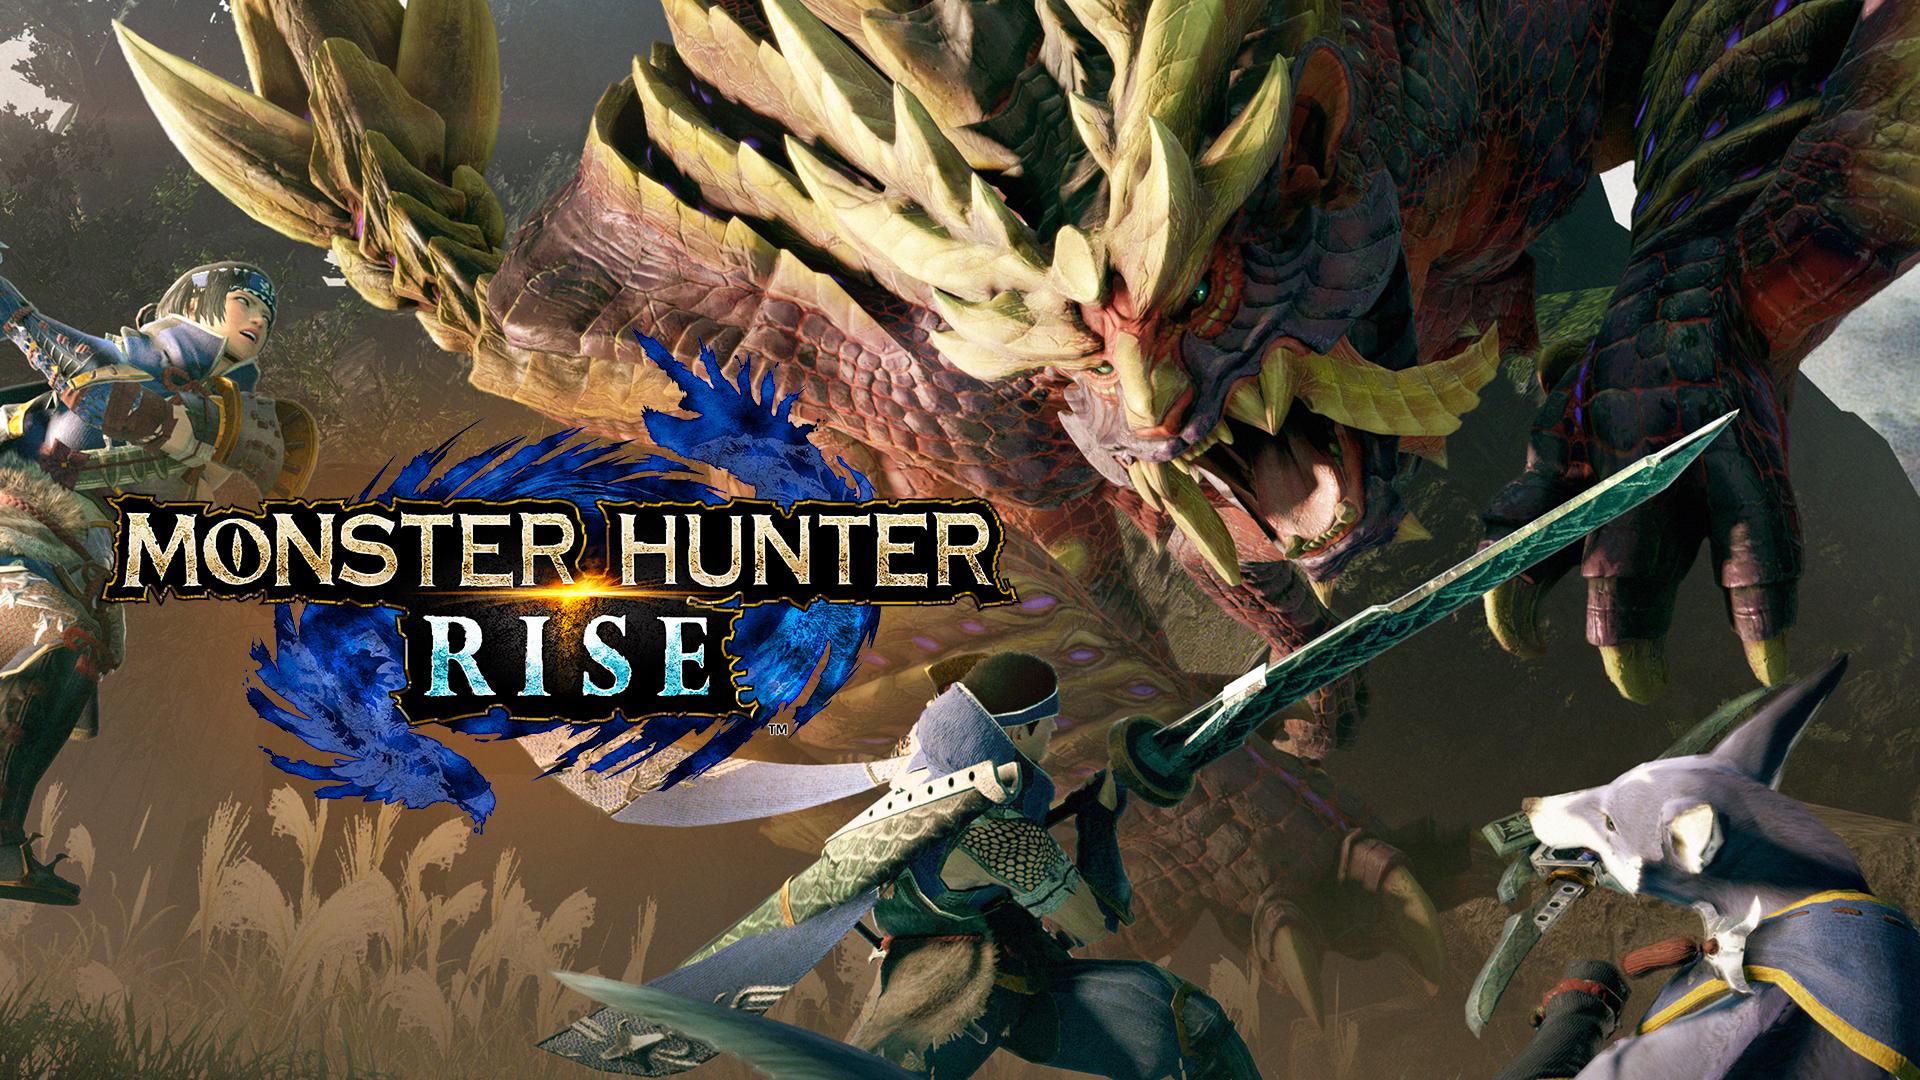 Πληροφορίες για το Monster Hunter Rise